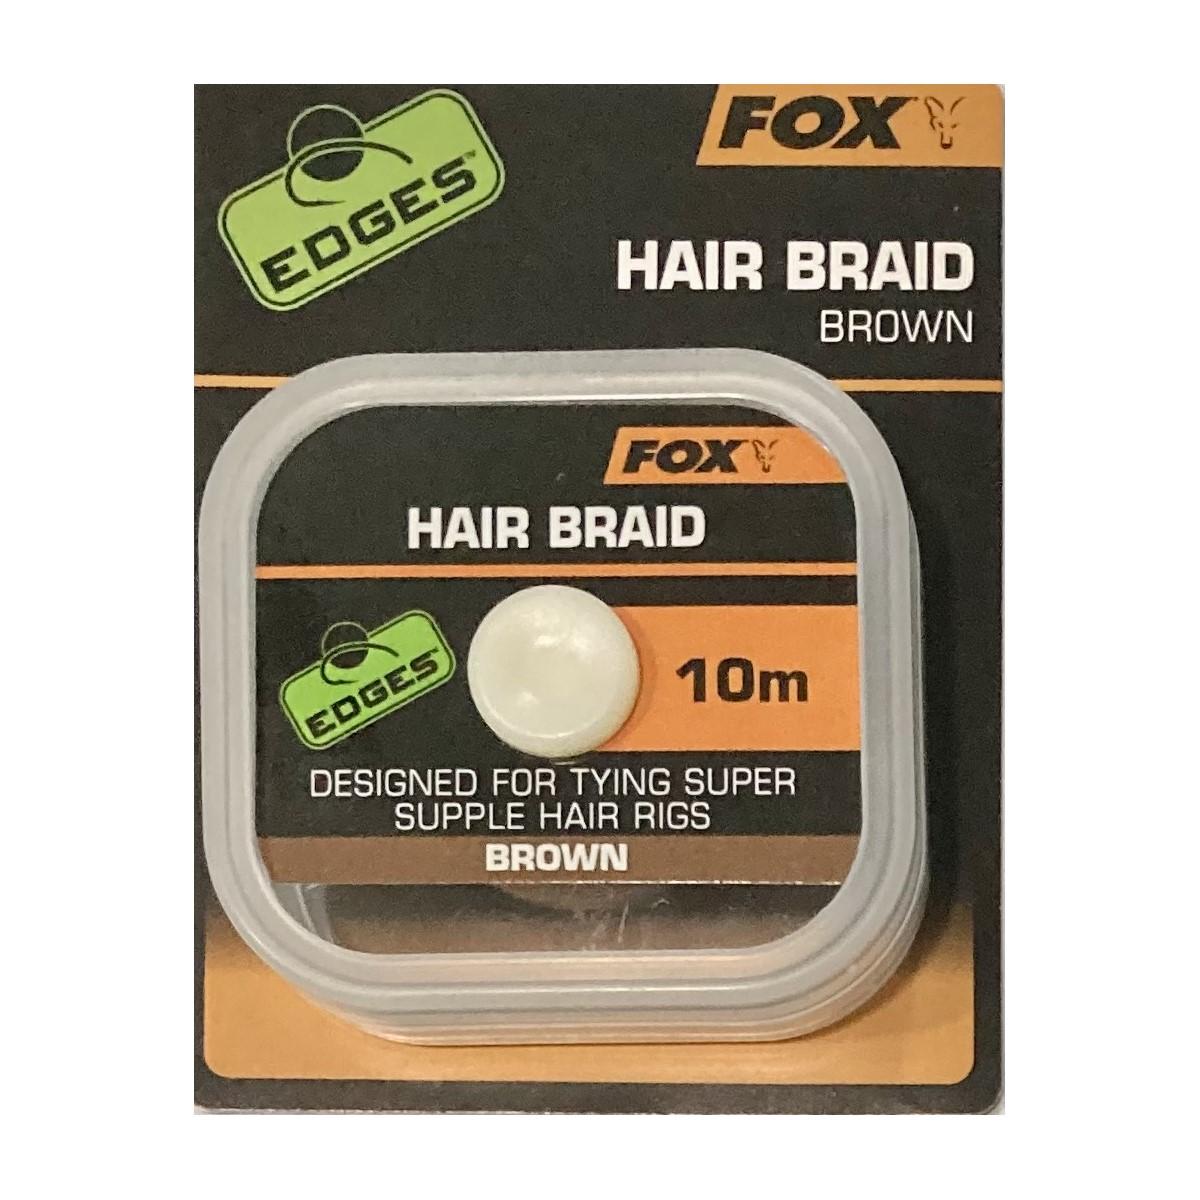 Повод за косъм Fox Edges Hair Braid Brown 10m